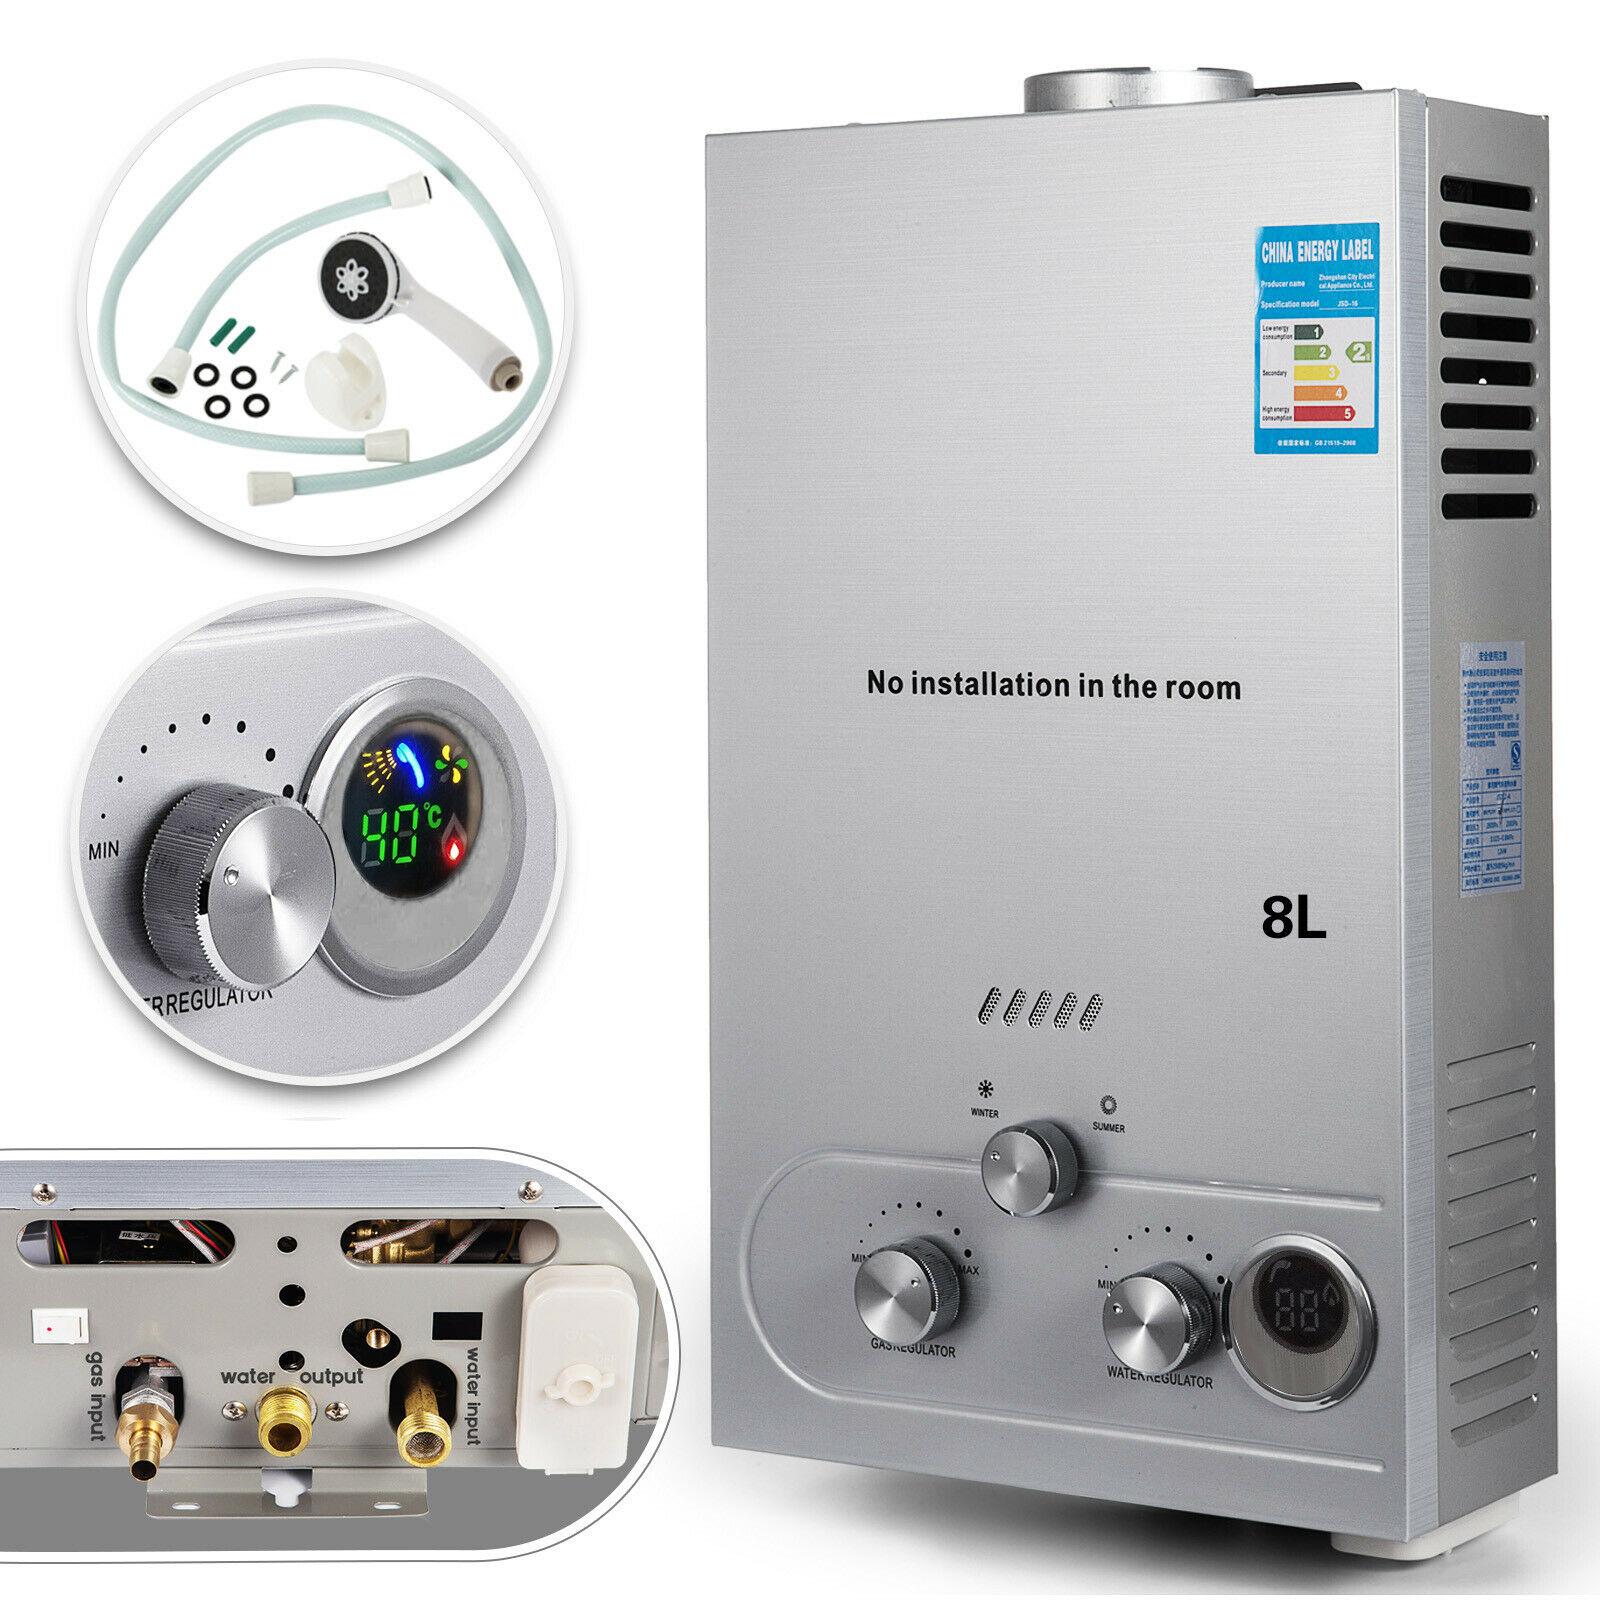 8L LPG Hot Water Heater Tankless Stainless Steel Instant Boiler +Shower